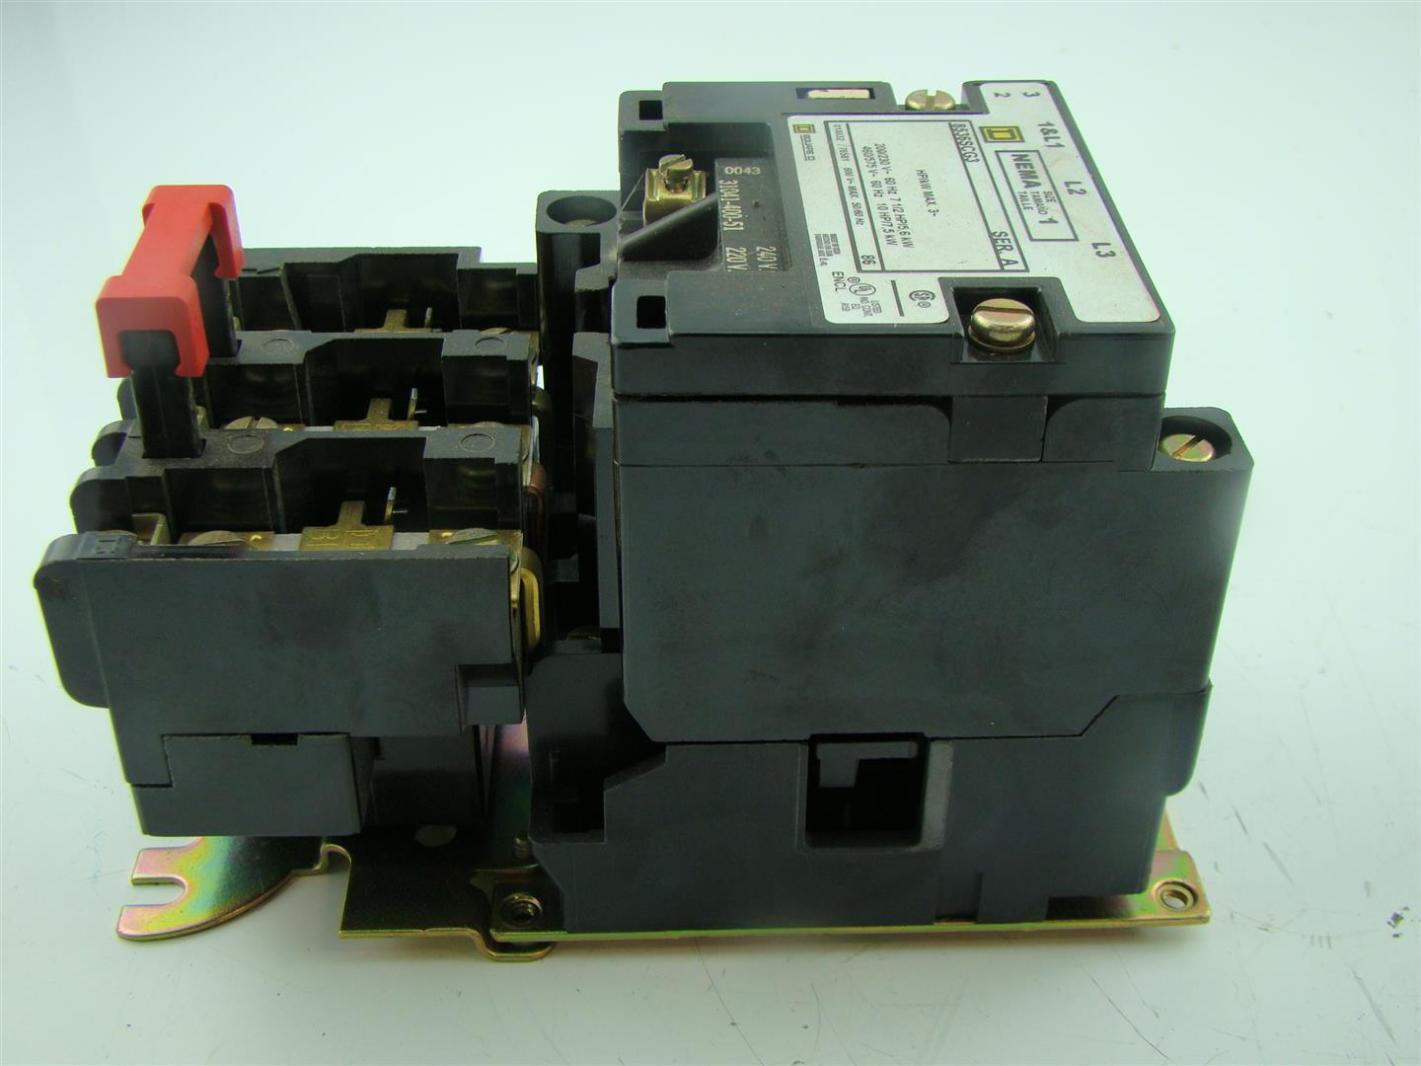 Square D Size 1 Motor Starter 3 Pole 200 239 V 60 Hz 8536scg3 Joseph Fazzio Incorporated